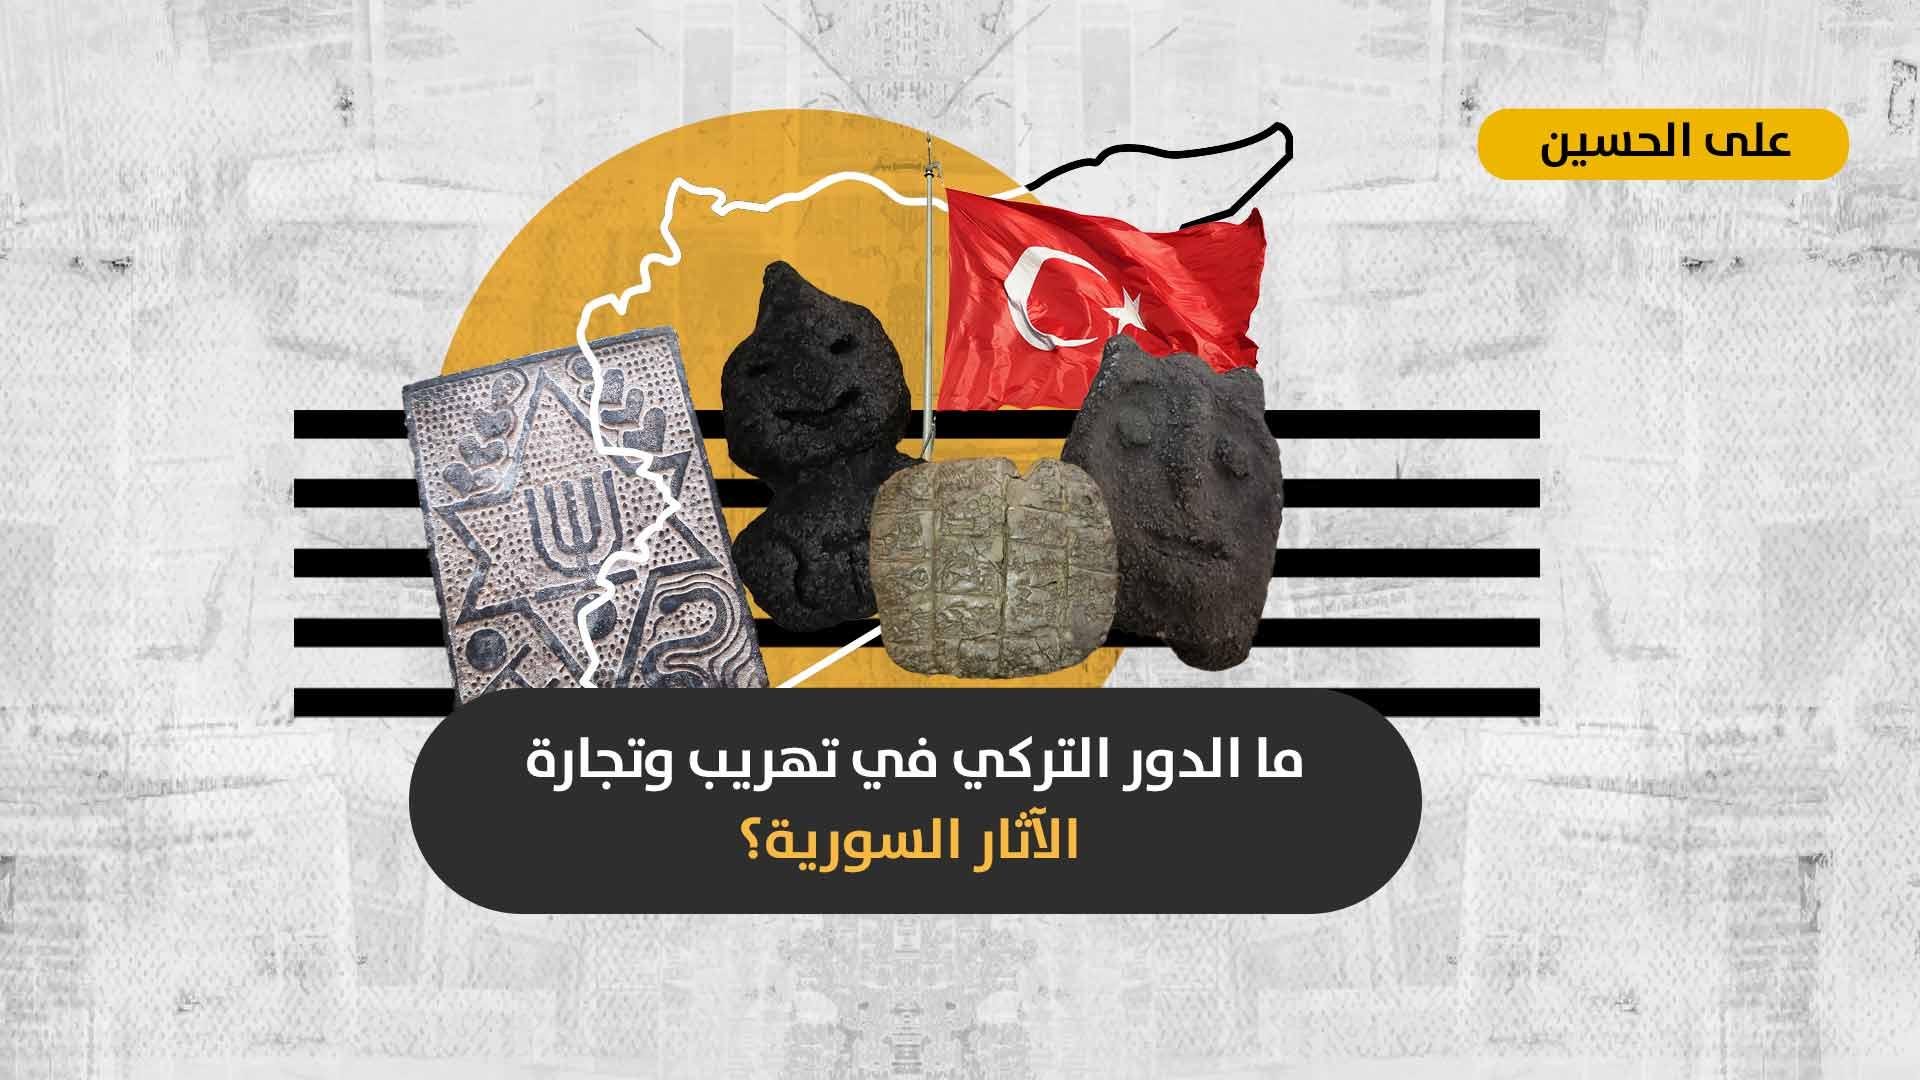 نهب وتخريب الإرث الحضاري السوري: هل أصبحت تركيا الوسيط الأساسي لتجارة الآثار السورية حول العالم؟